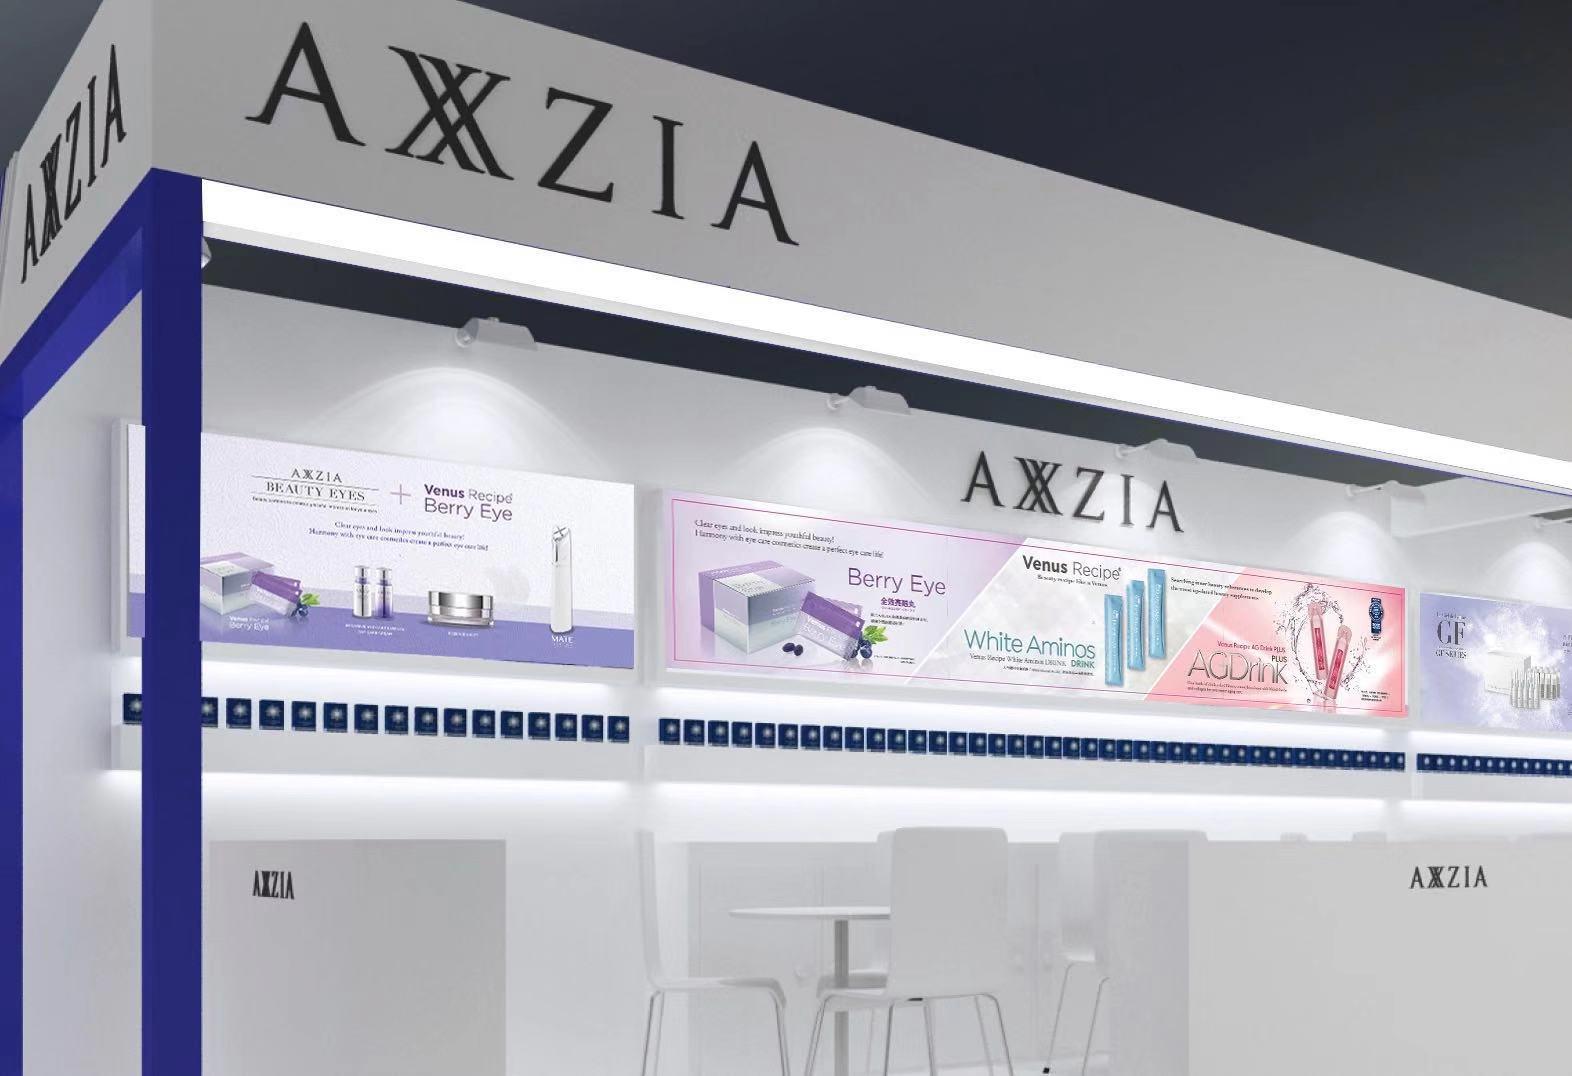 嗨美丽签约AXXZIA晓姿中国区运营商ANGEL INUS美匙日式科技美肤中心